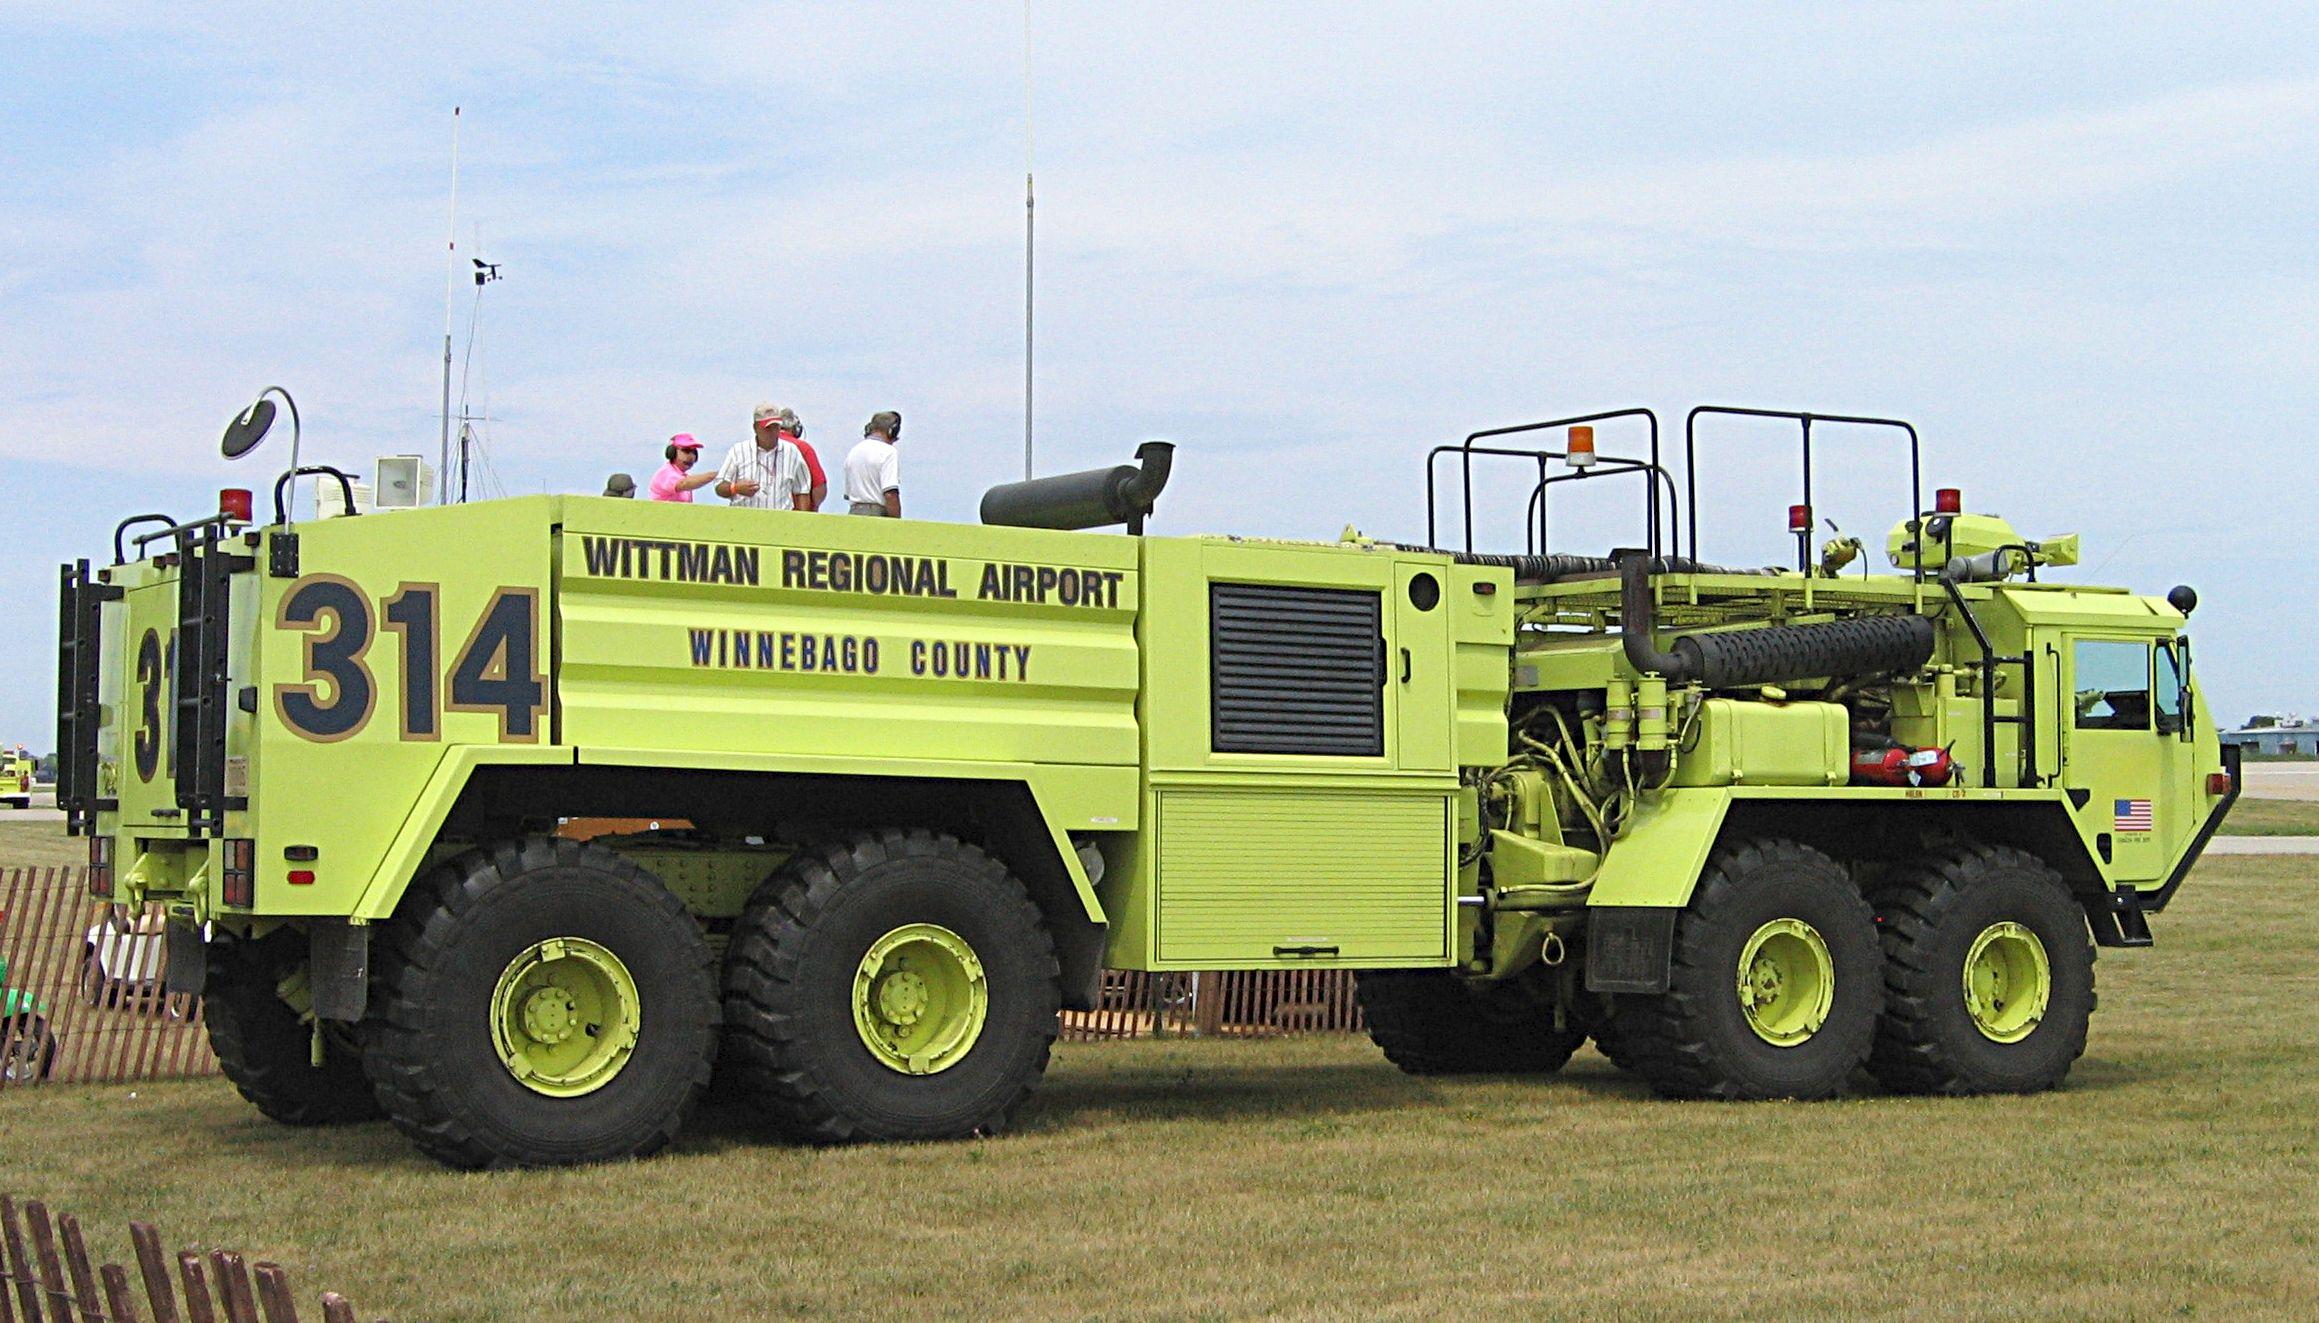 Wittman_Regional_Airport_fire_truck_AV2005.jpeg Fire